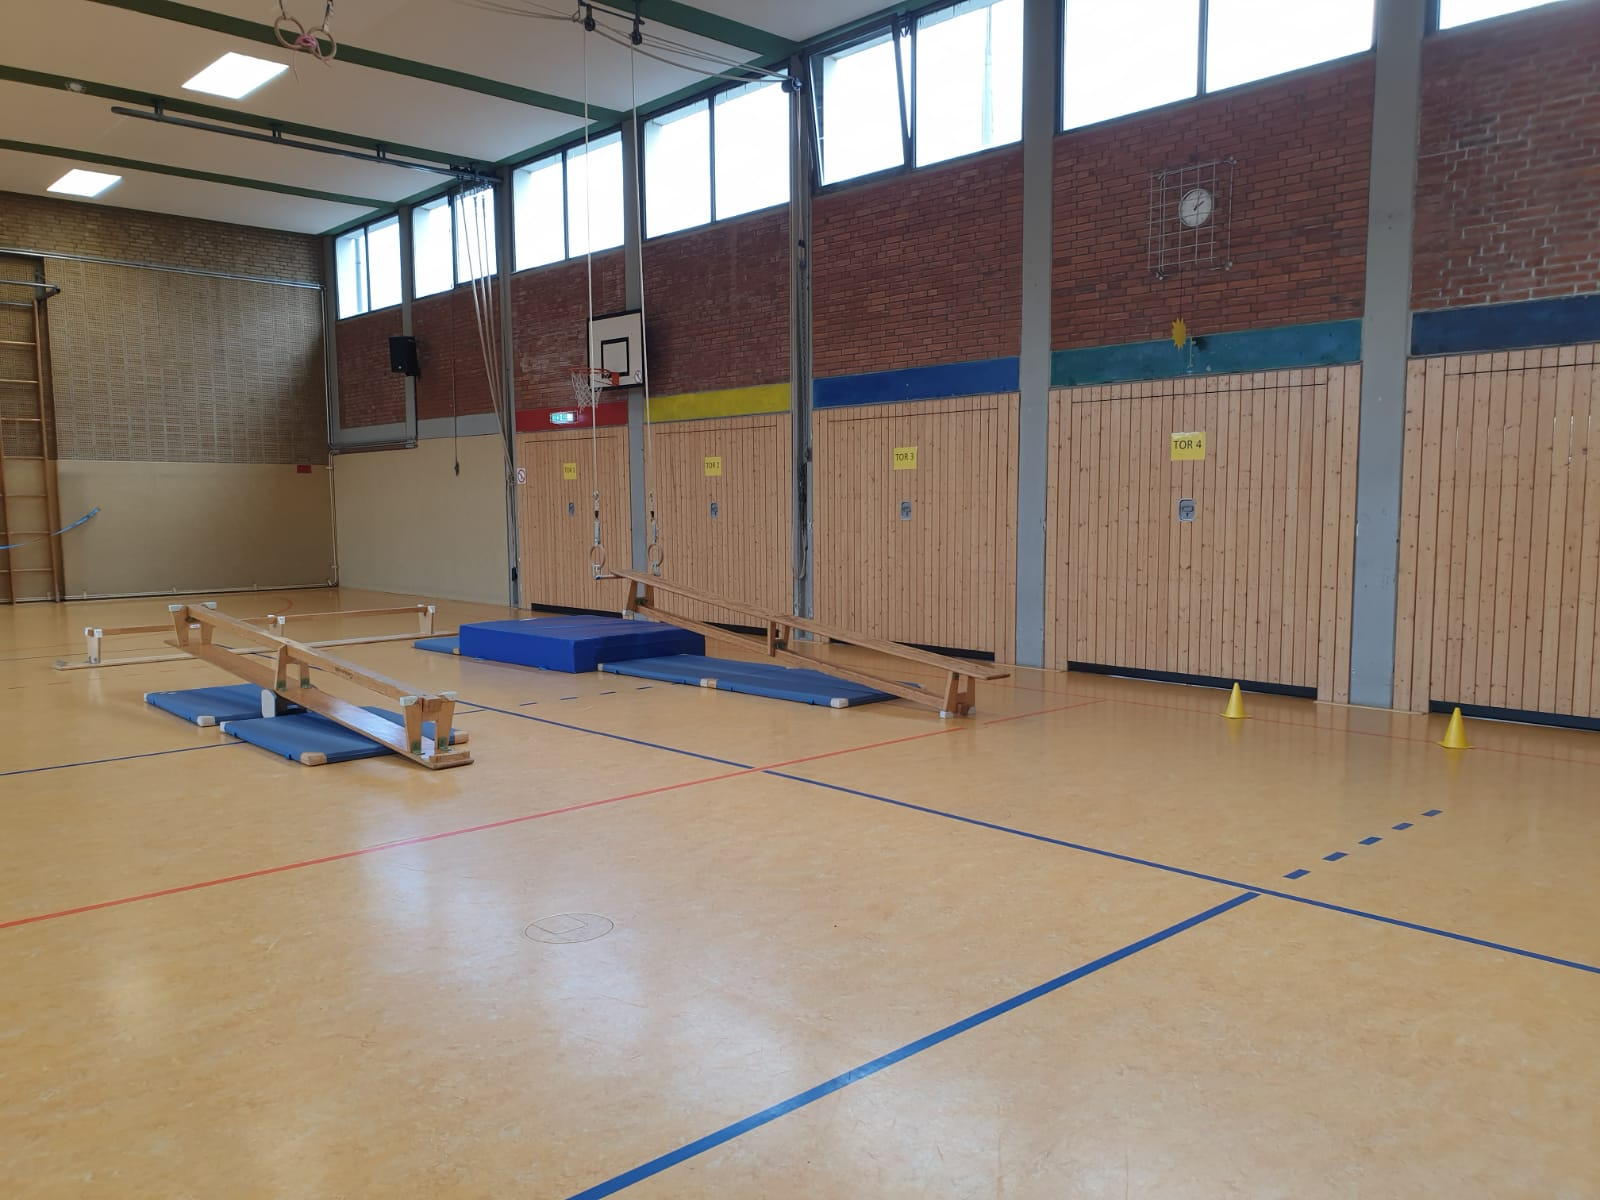 Bei schlechtem Wetter können sich alle Schülerinnen und Schüler im Sportunterricht in der Turnhalle bewegen.